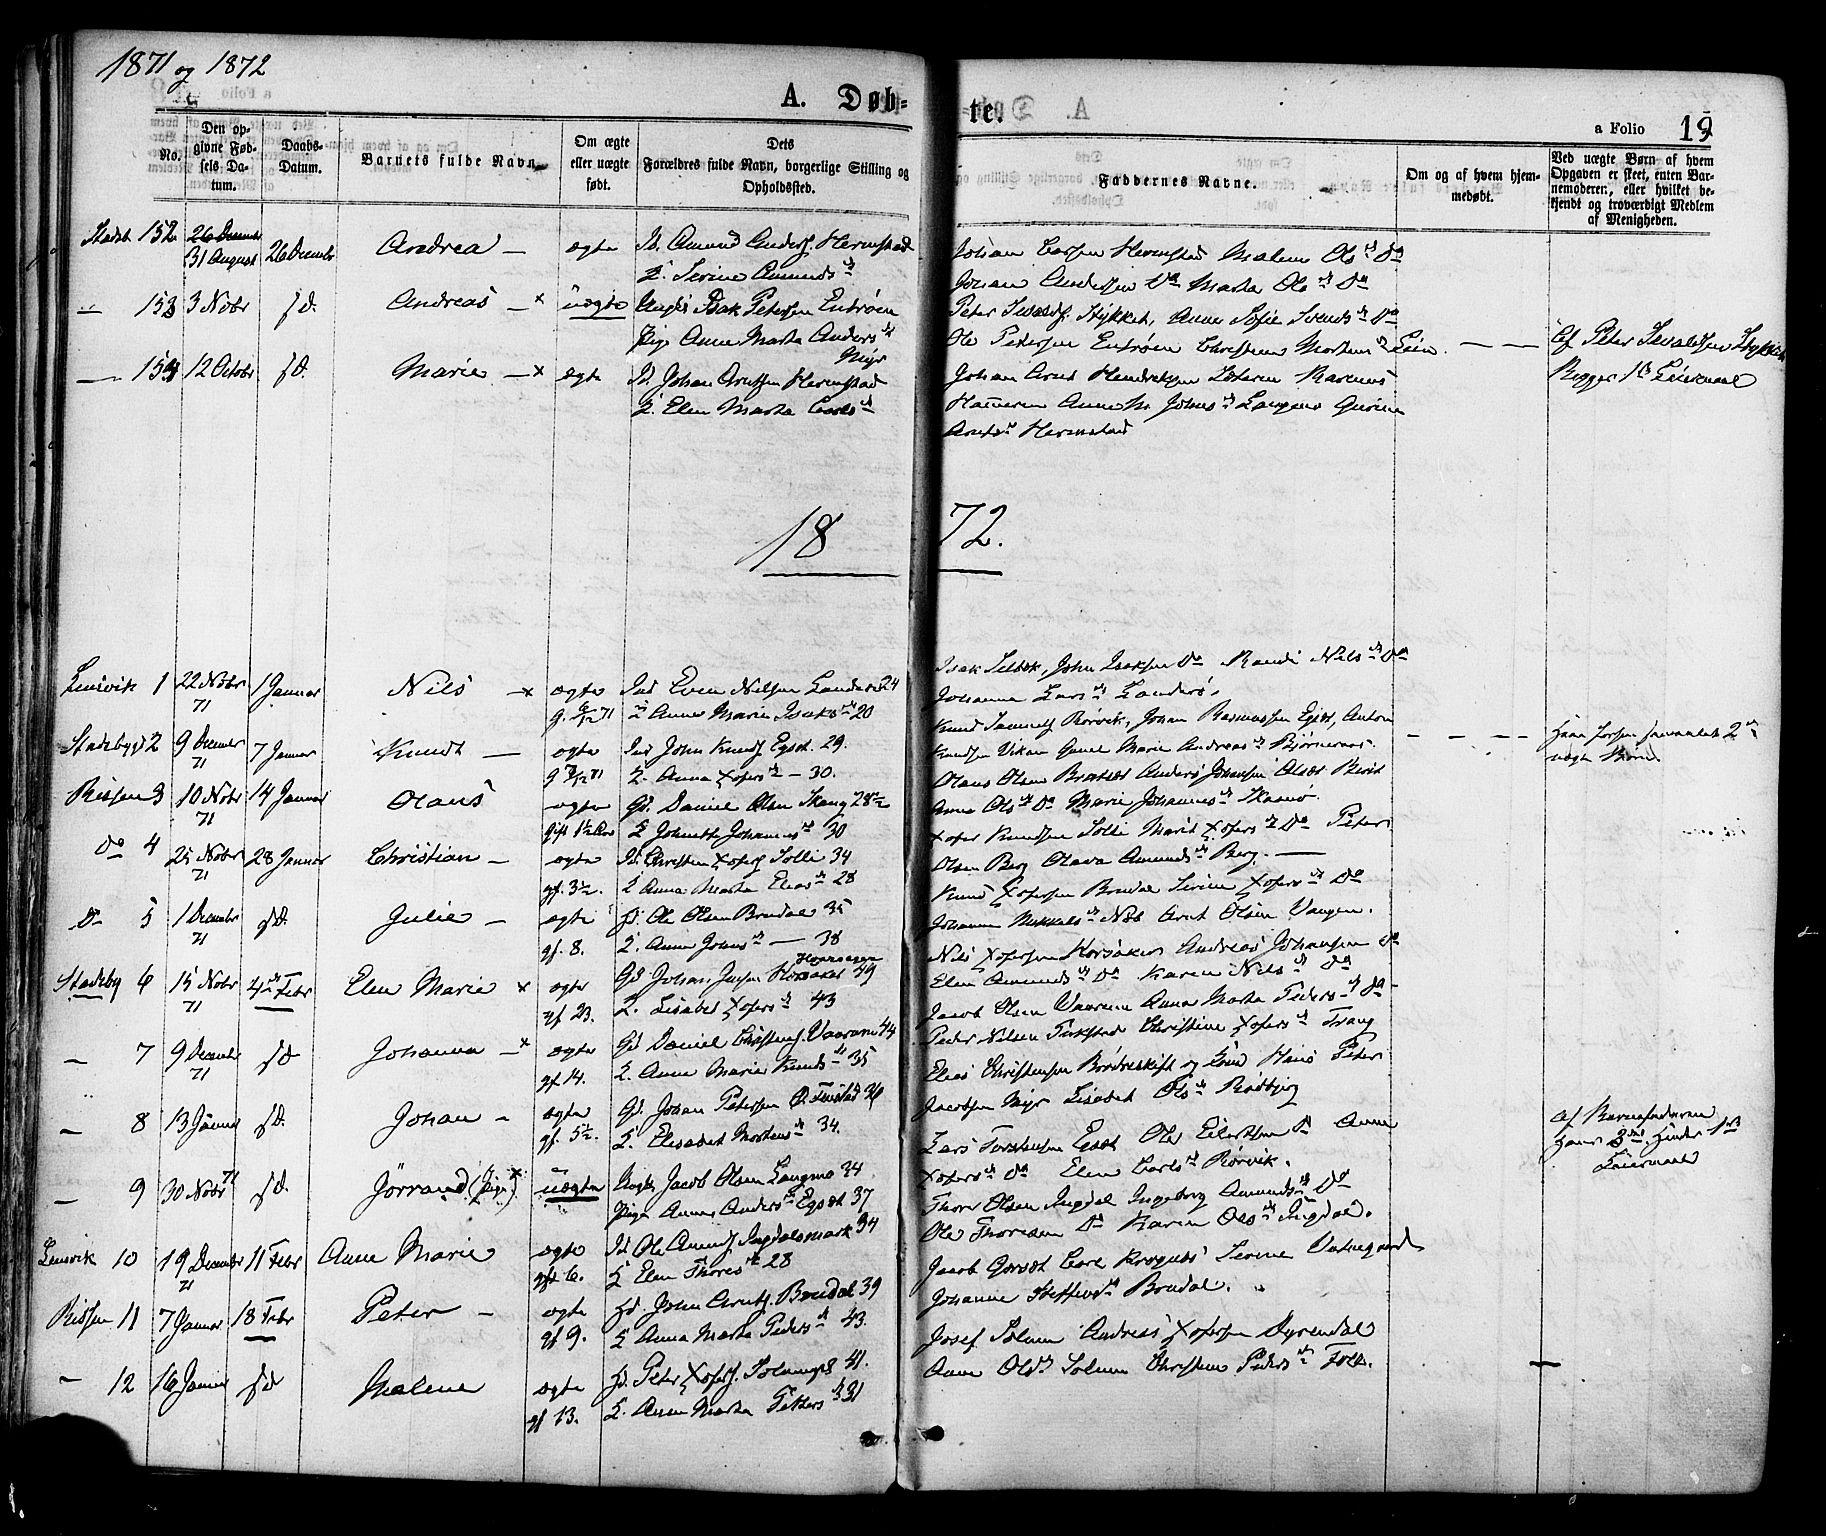 SAT, Ministerialprotokoller, klokkerbøker og fødselsregistre - Sør-Trøndelag, 646/L0613: Ministerialbok nr. 646A11, 1870-1884, s. 19